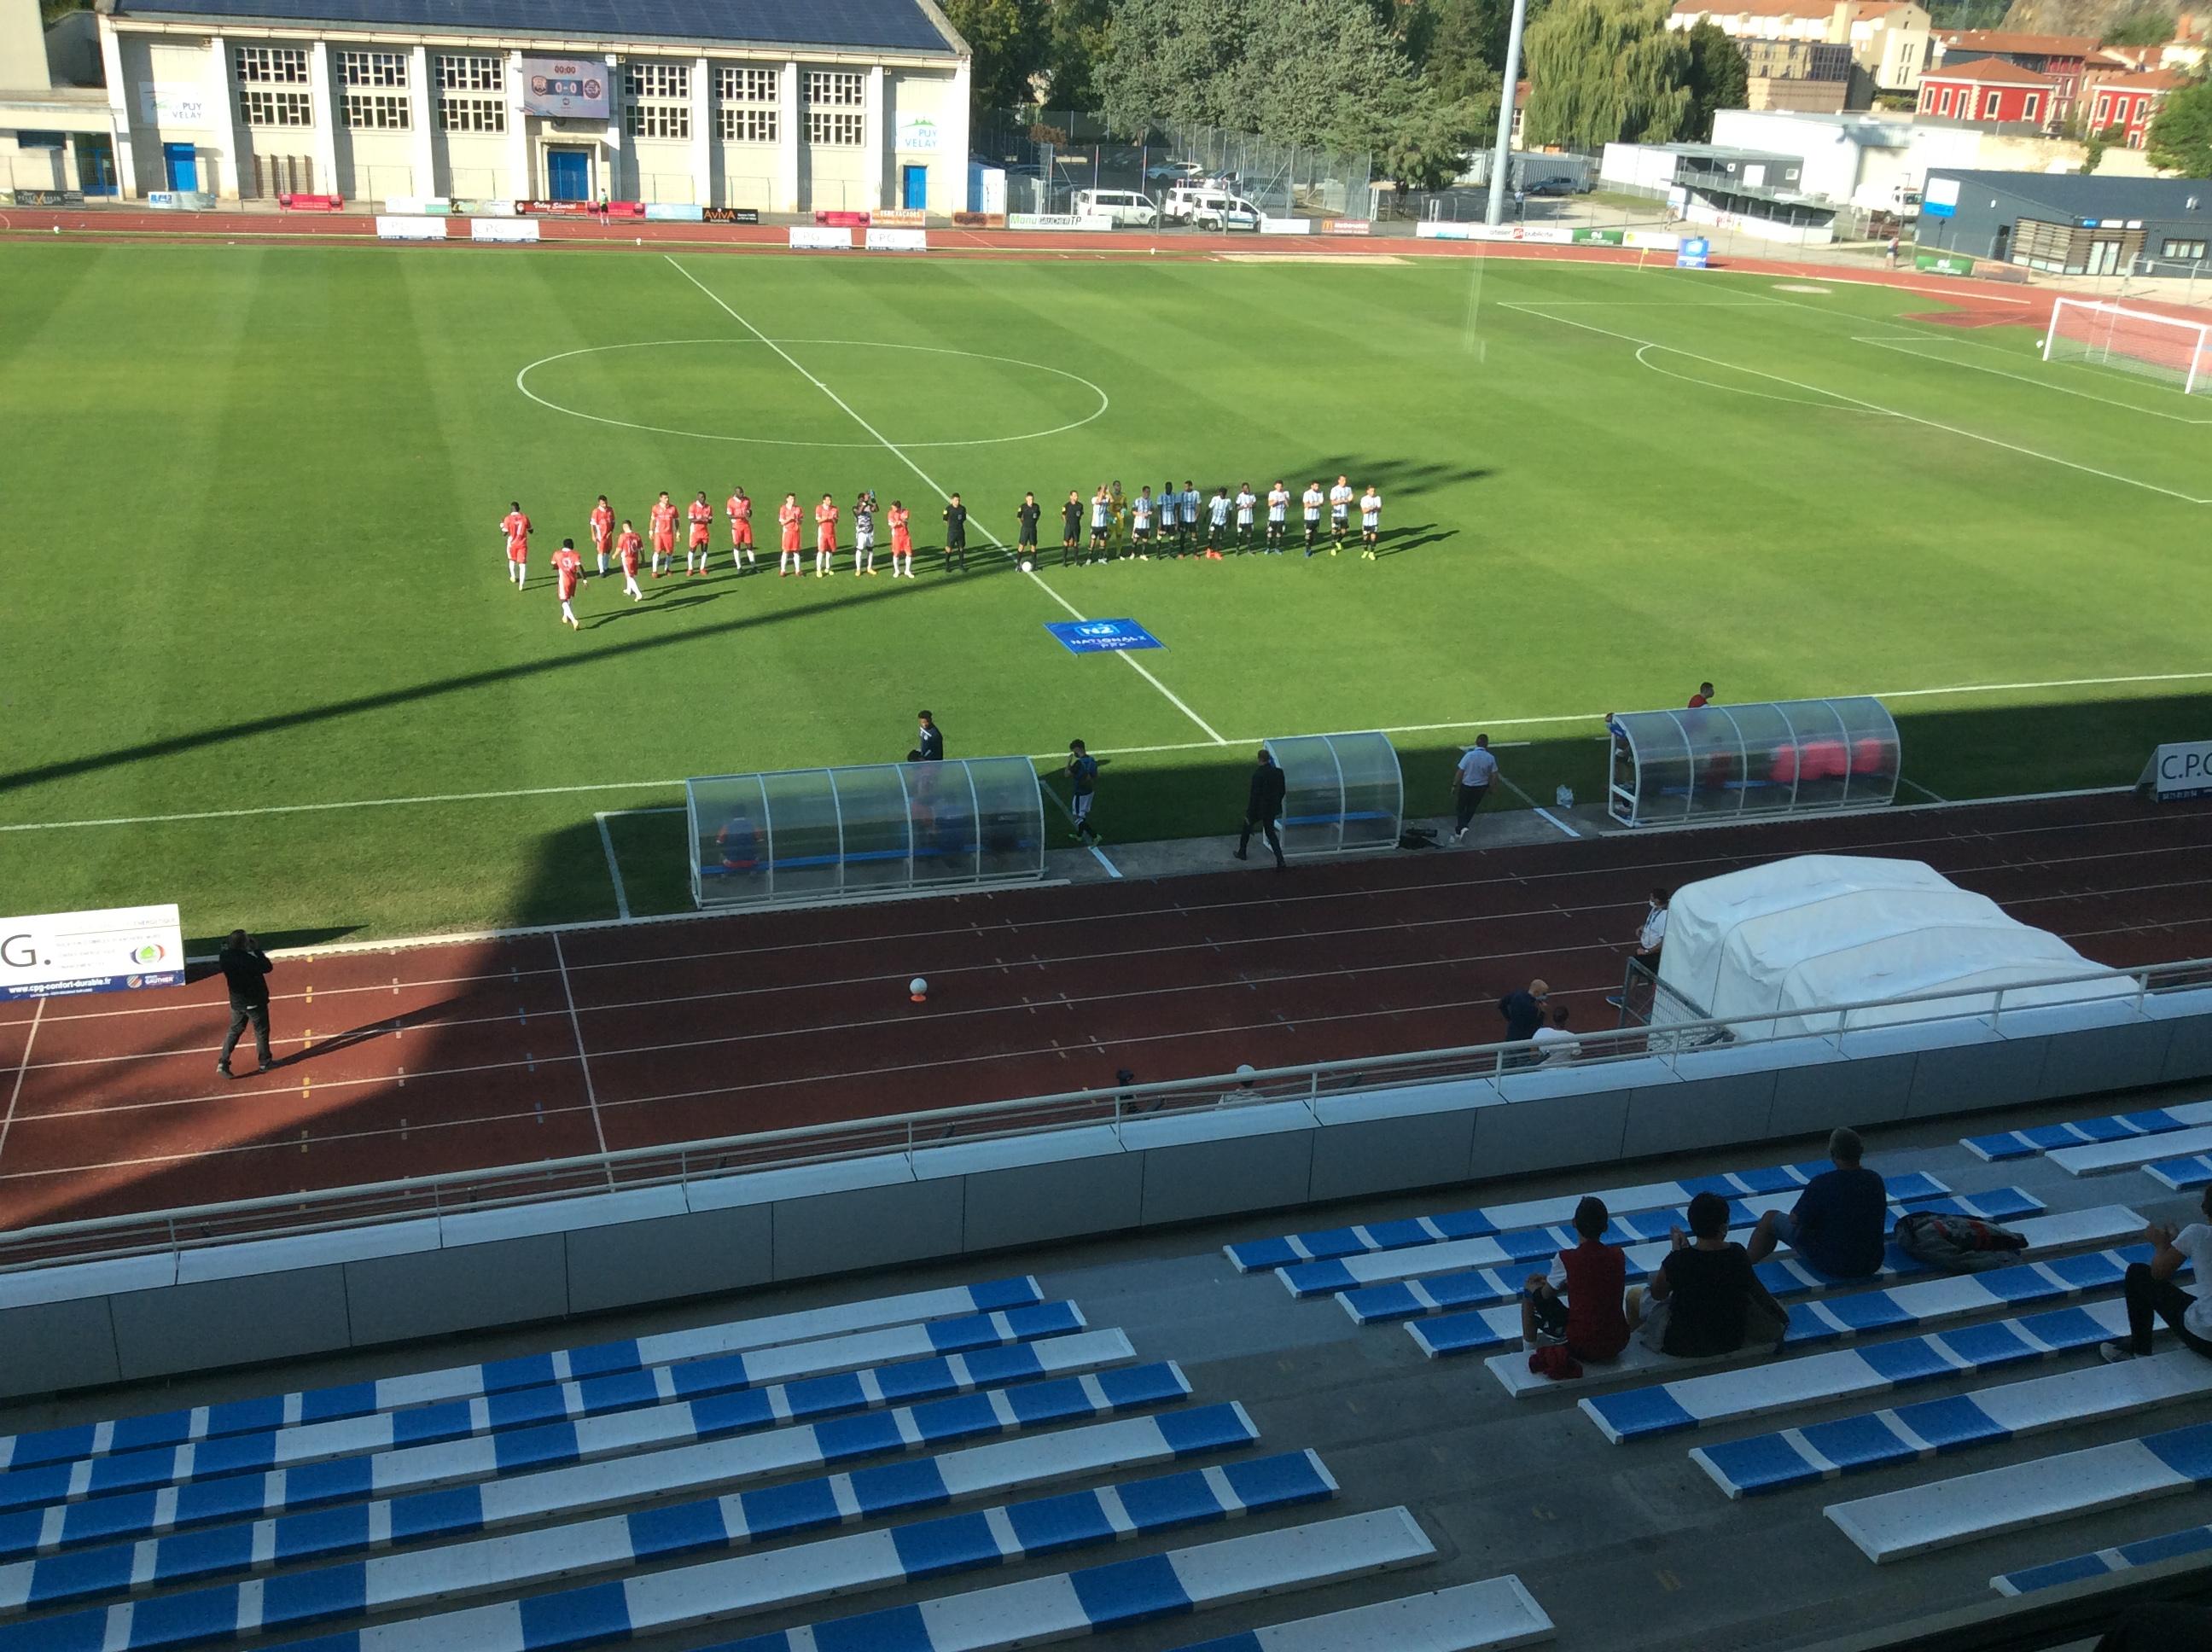 national 2 foot Colomiers 0-0 le puy foot réac après match 280920